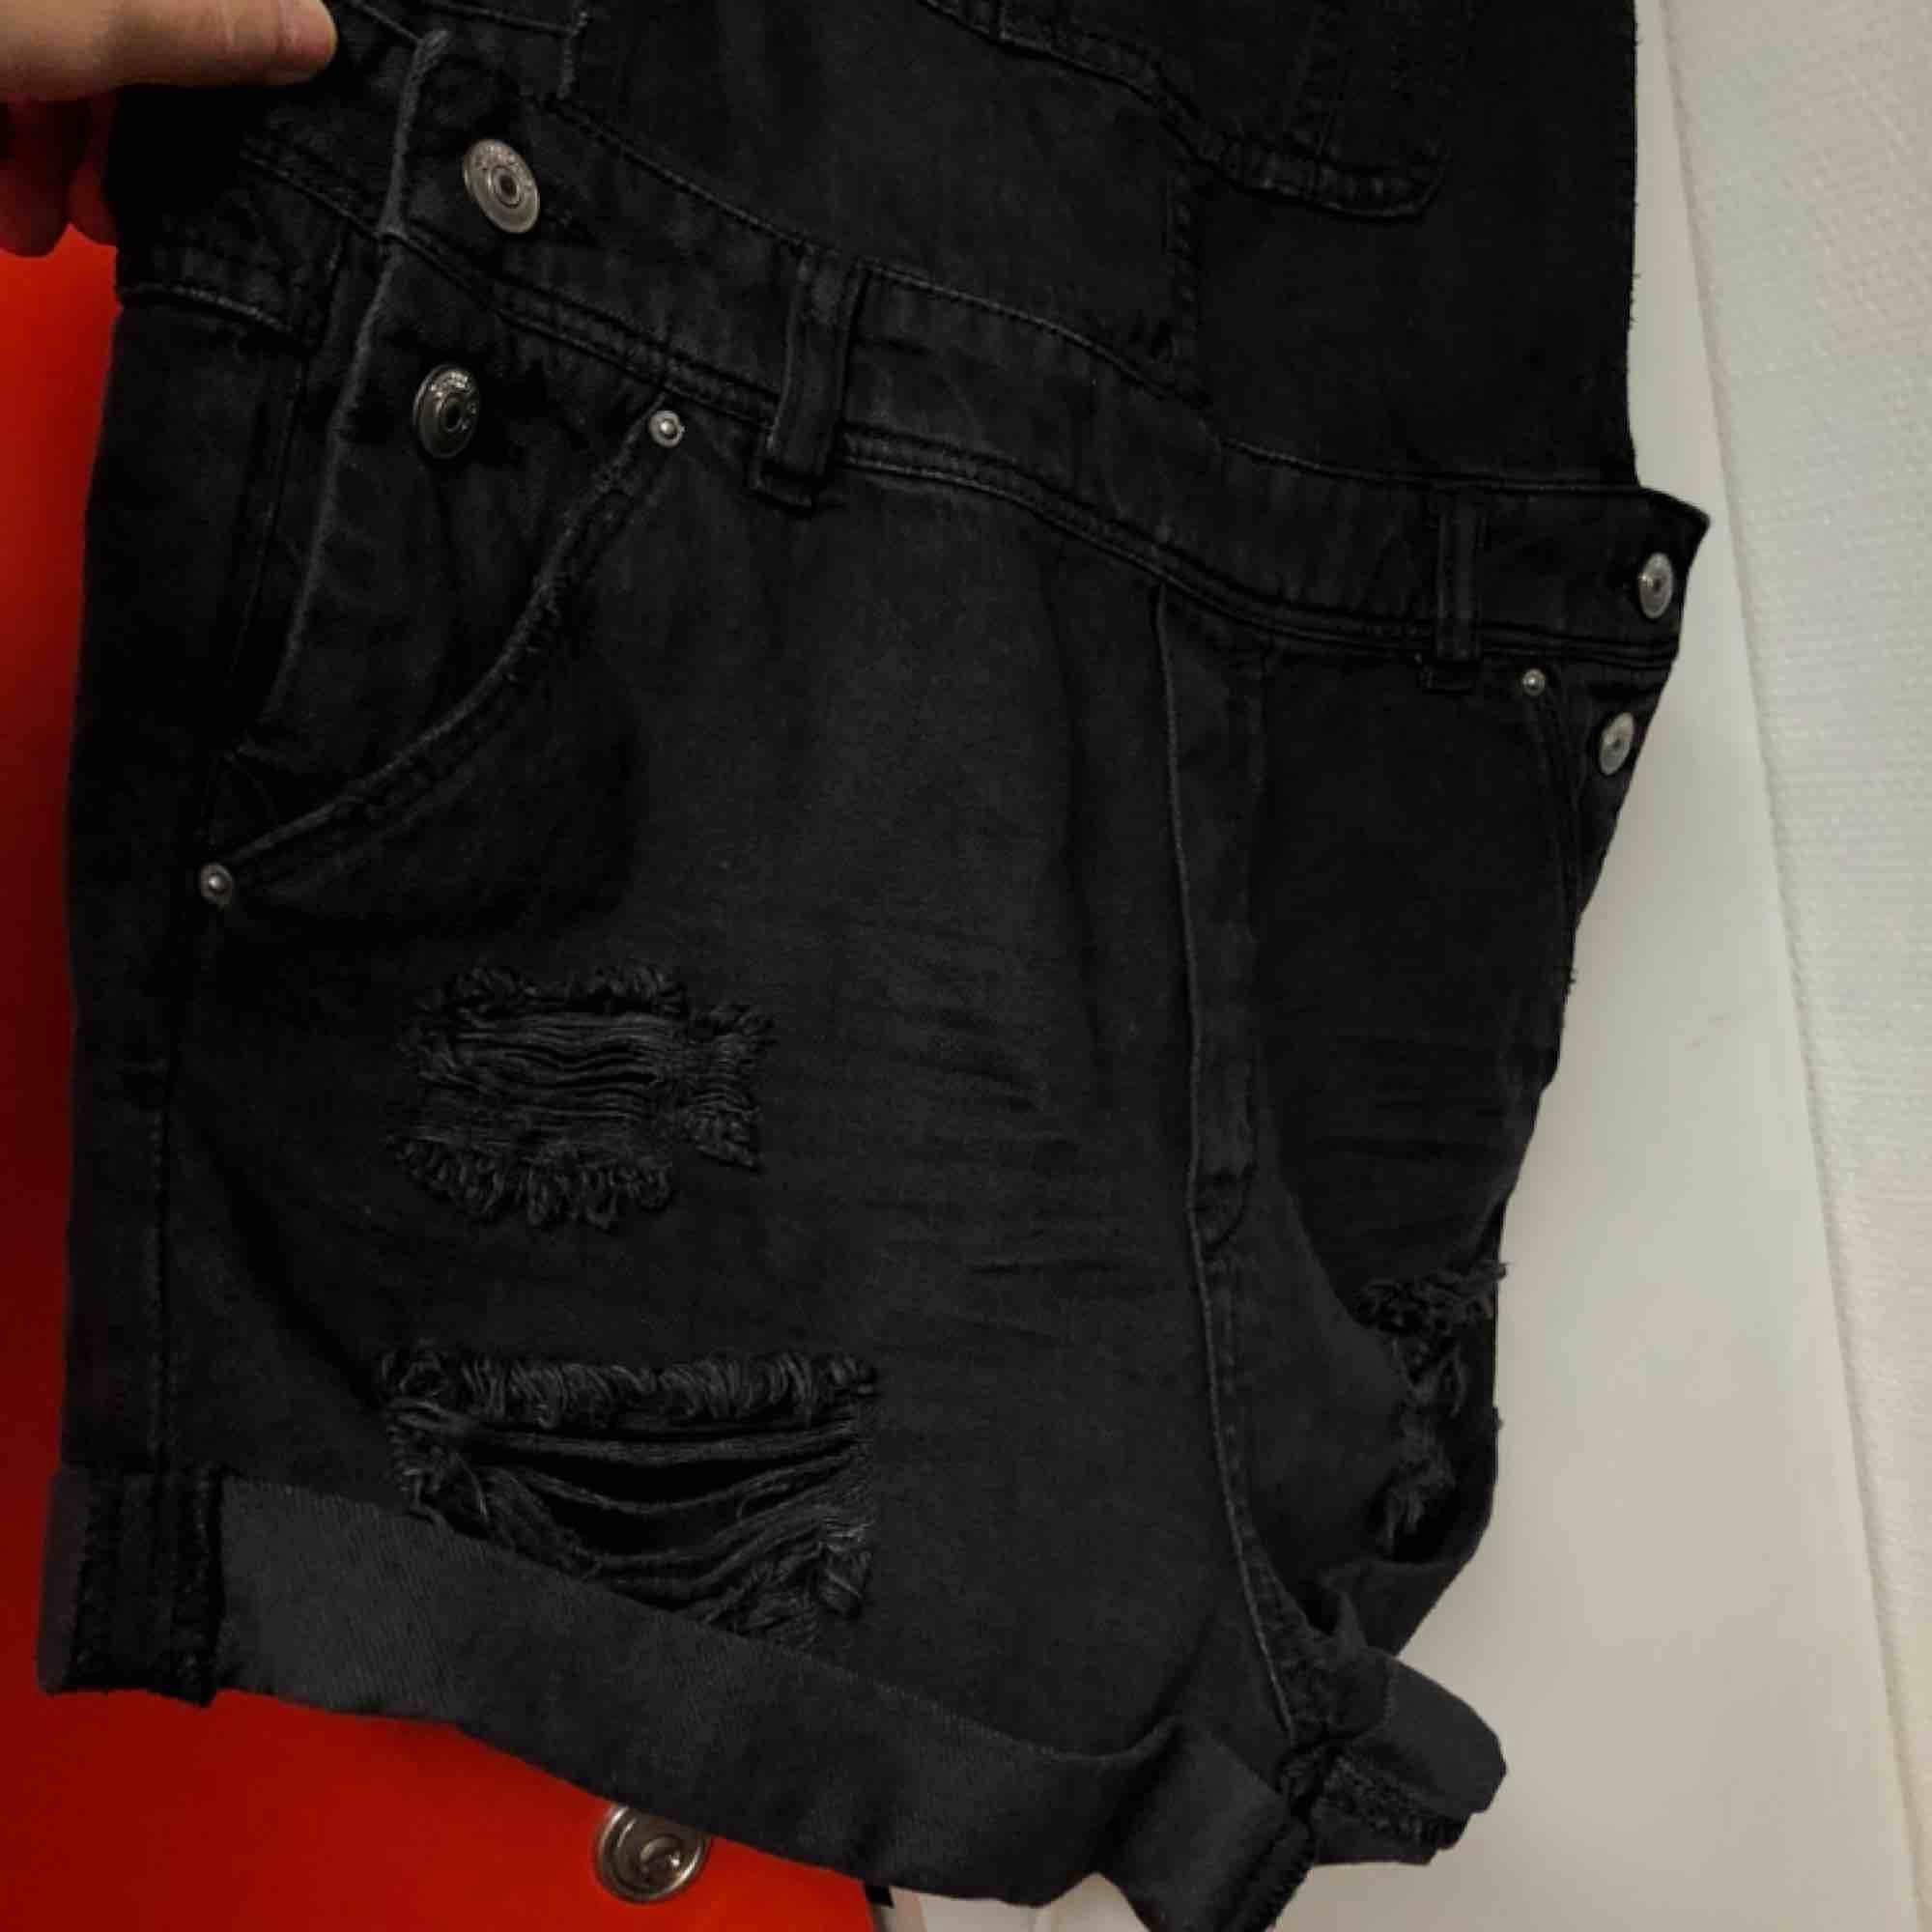 knappt använda, som nya. pris är förhandlingsbart. kan skicka fler bilder. möts upp i Kalmar annars står köpare för frakt. Shorts.